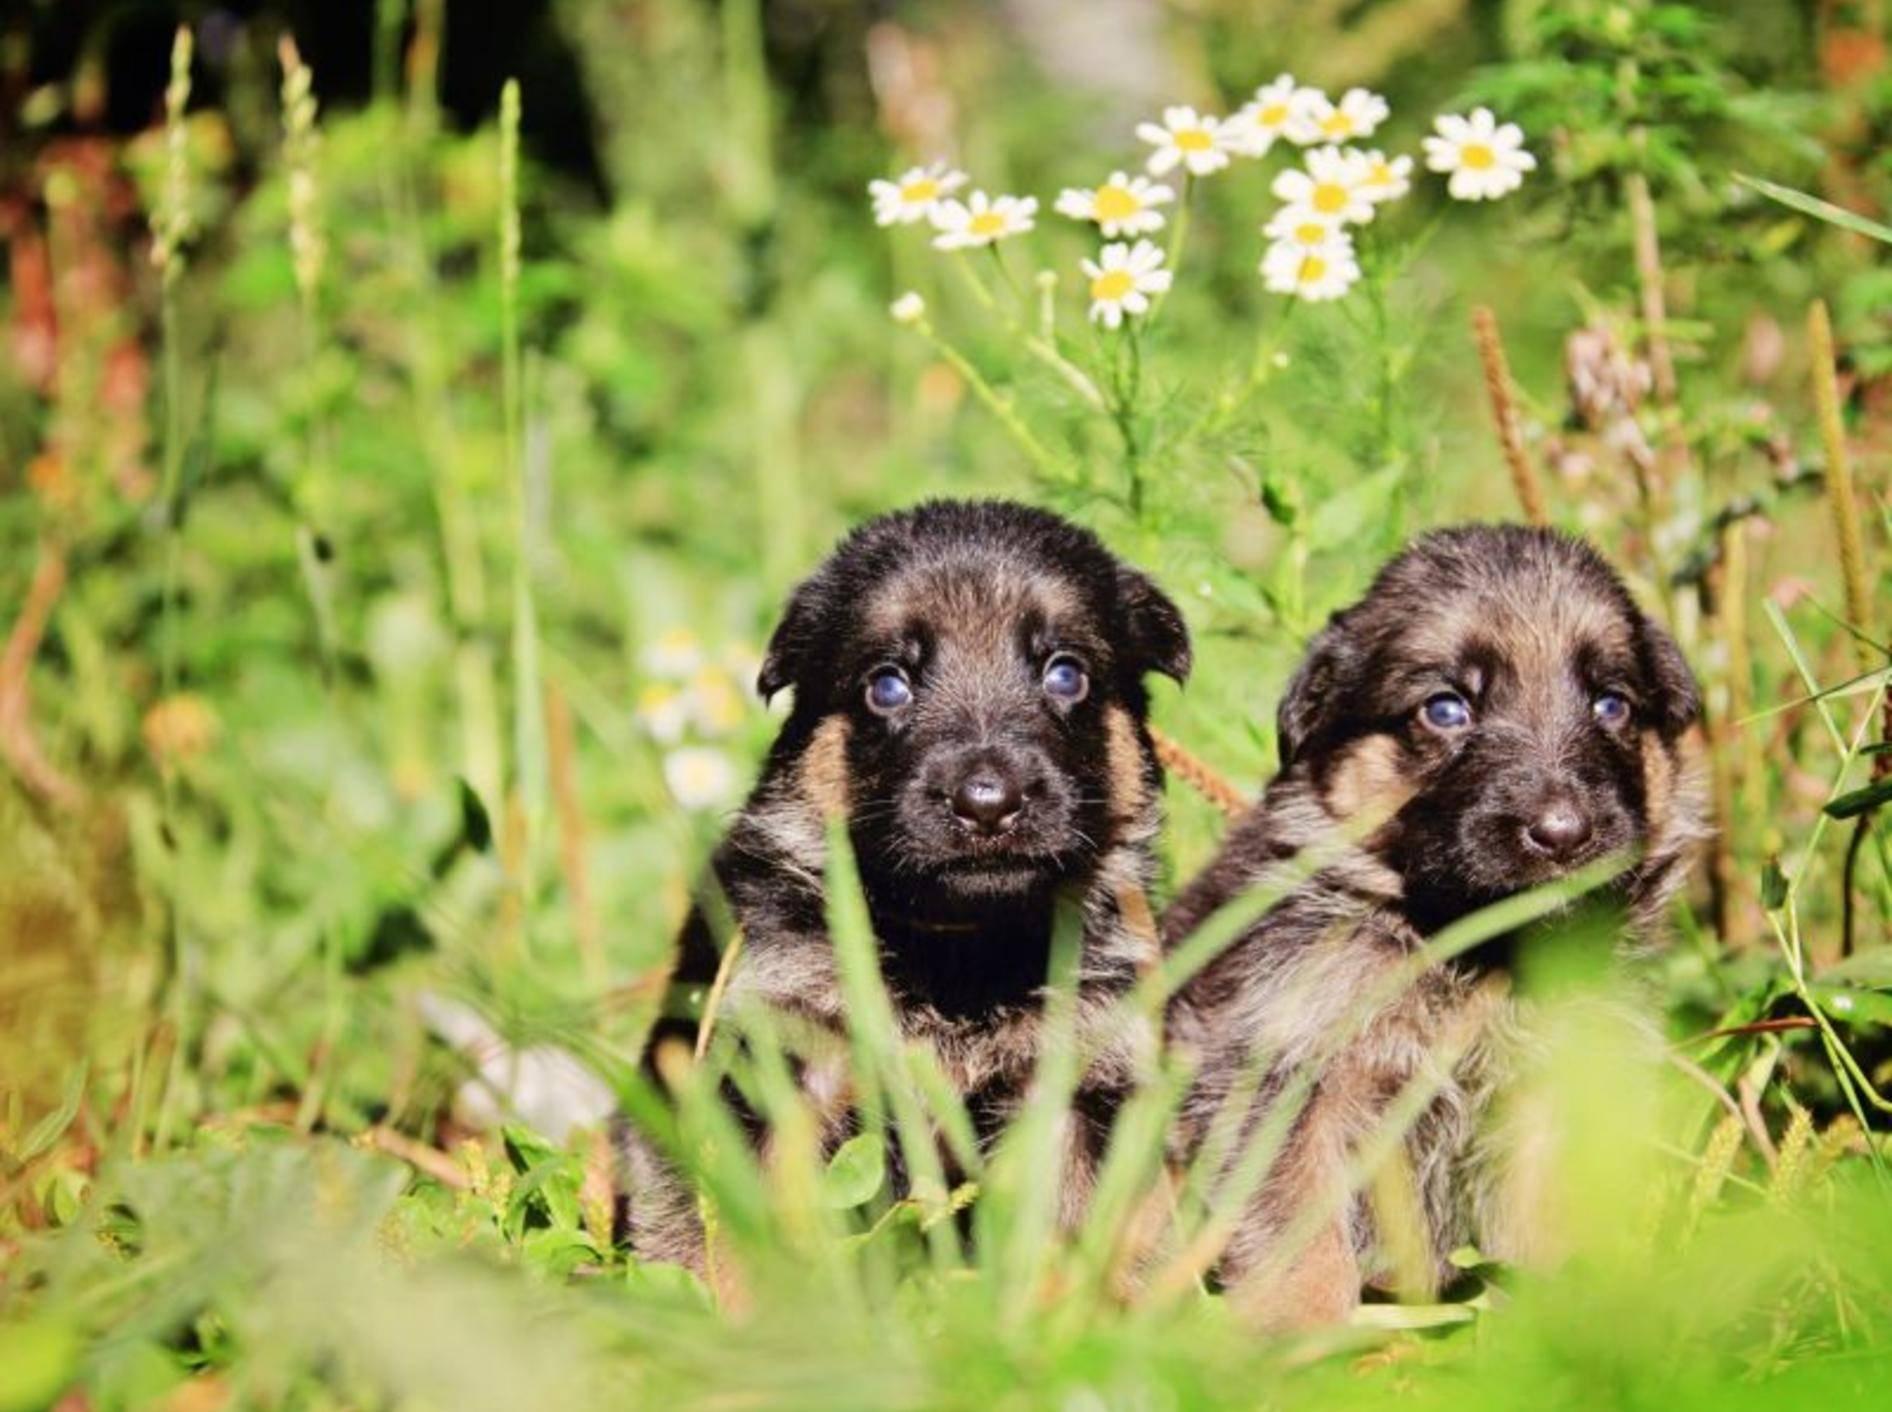 Deutscher Schäferhund im Taschenformat: So süß sind die Welpen — Bild: Shutterstock / Ambito